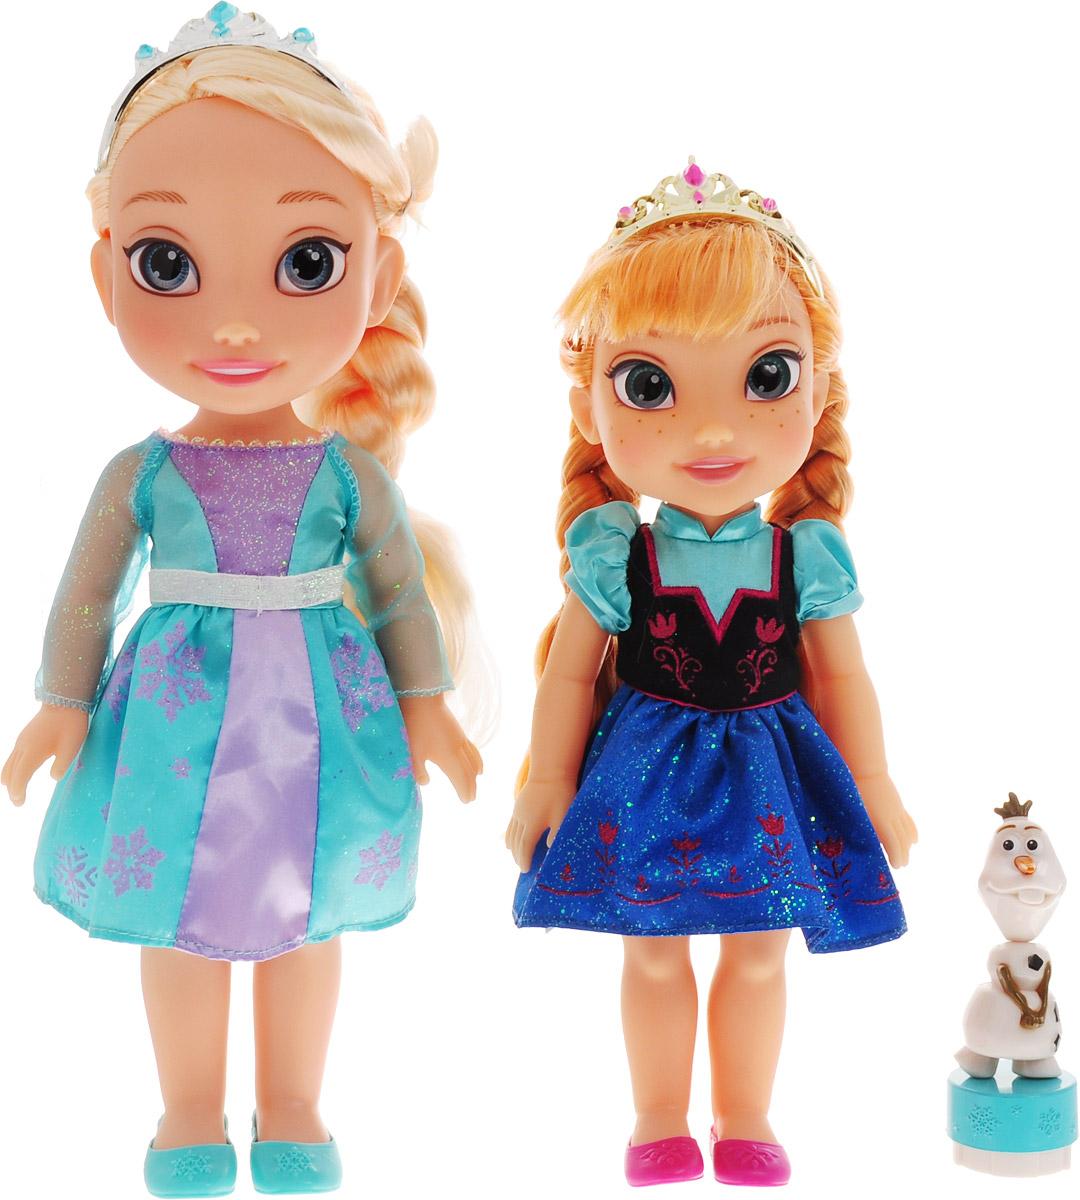 Disney Princess Игровой набор с мини-куклами Холодное cердце Эльза, Анна и Олаф игровые наборы disney princess игровой набор моана в ассортименте